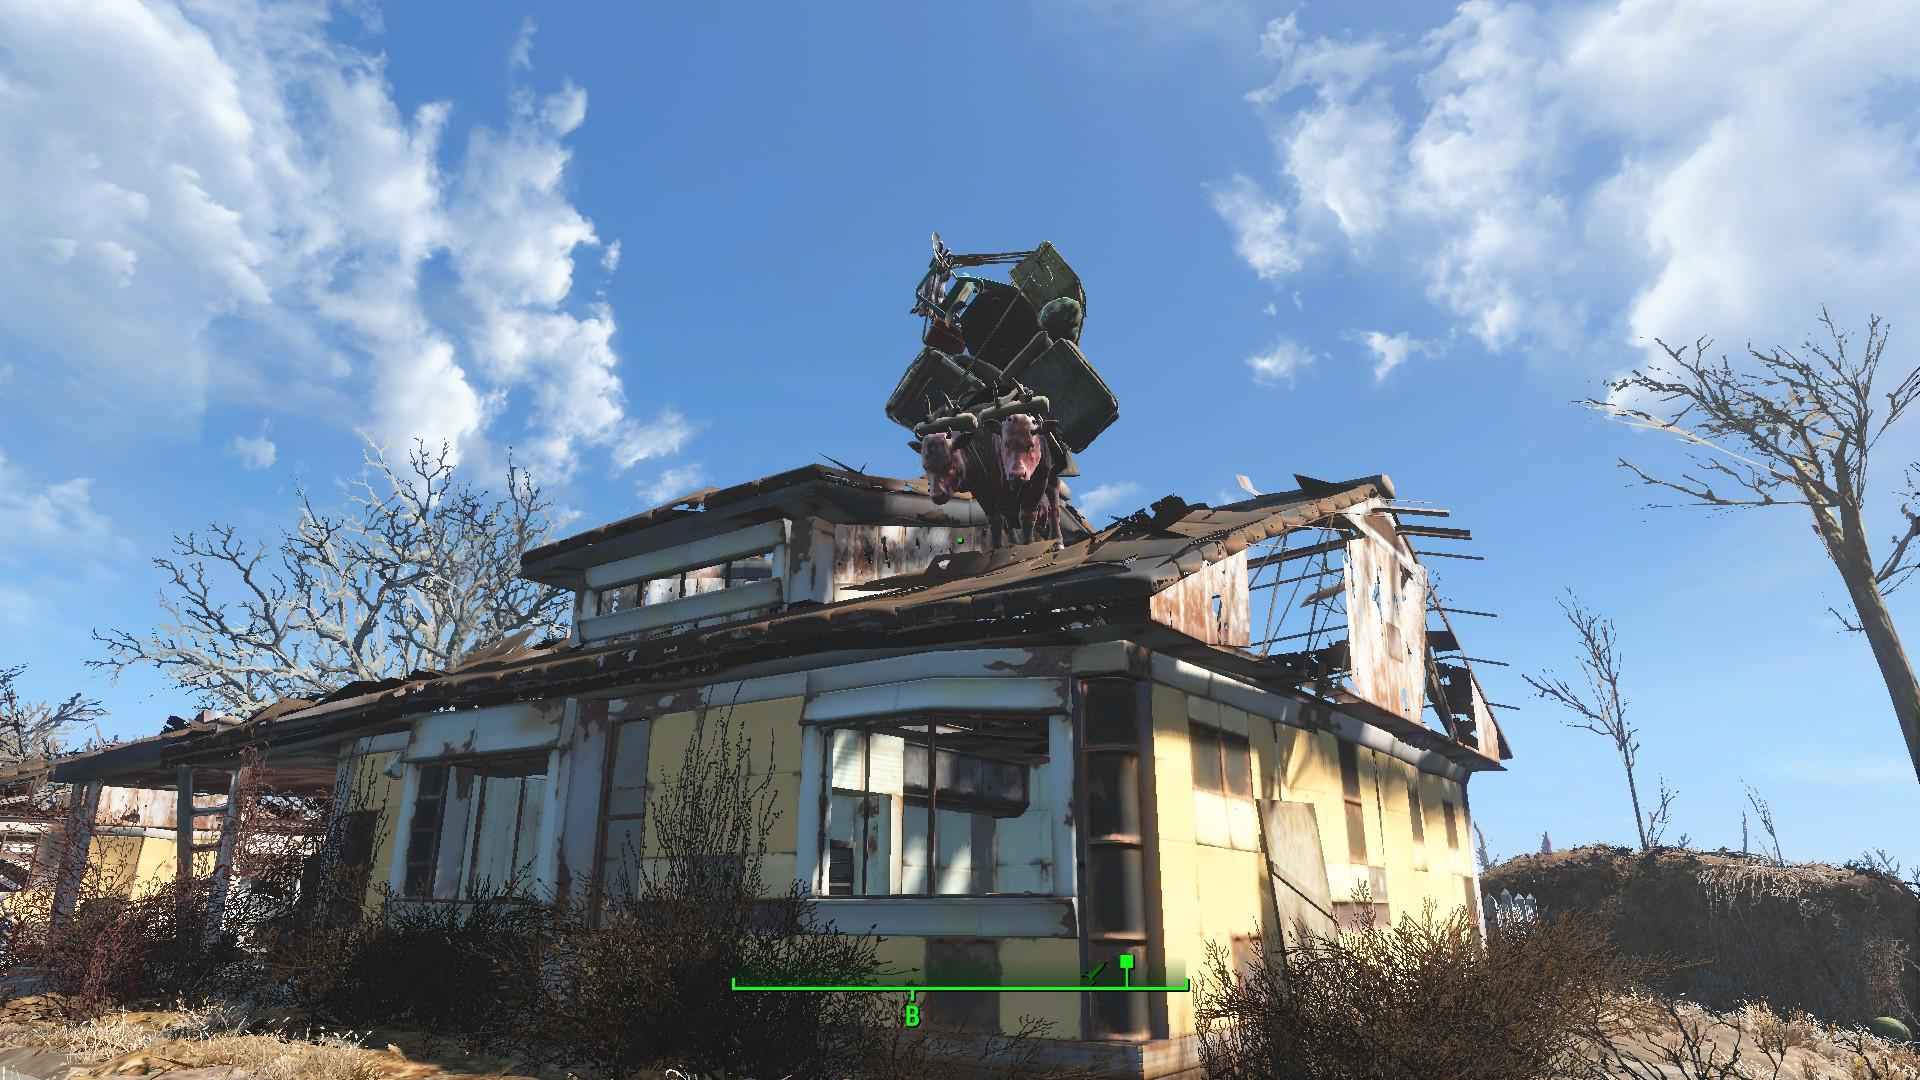 Брамин на крыше - Fallout 4 Брамин